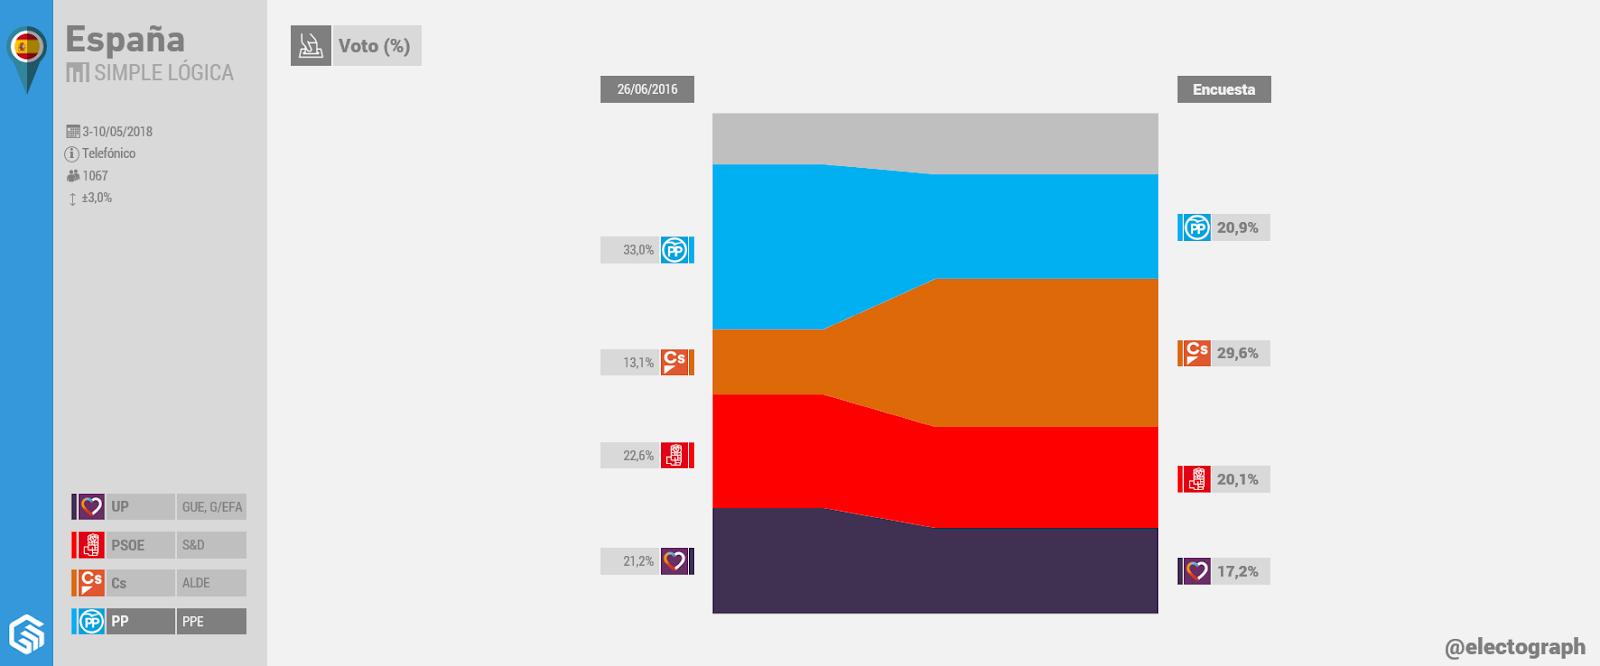 Gráfico de la encuesta para elecciones generales en España realizada por Simple Lógica en mayo de 2018